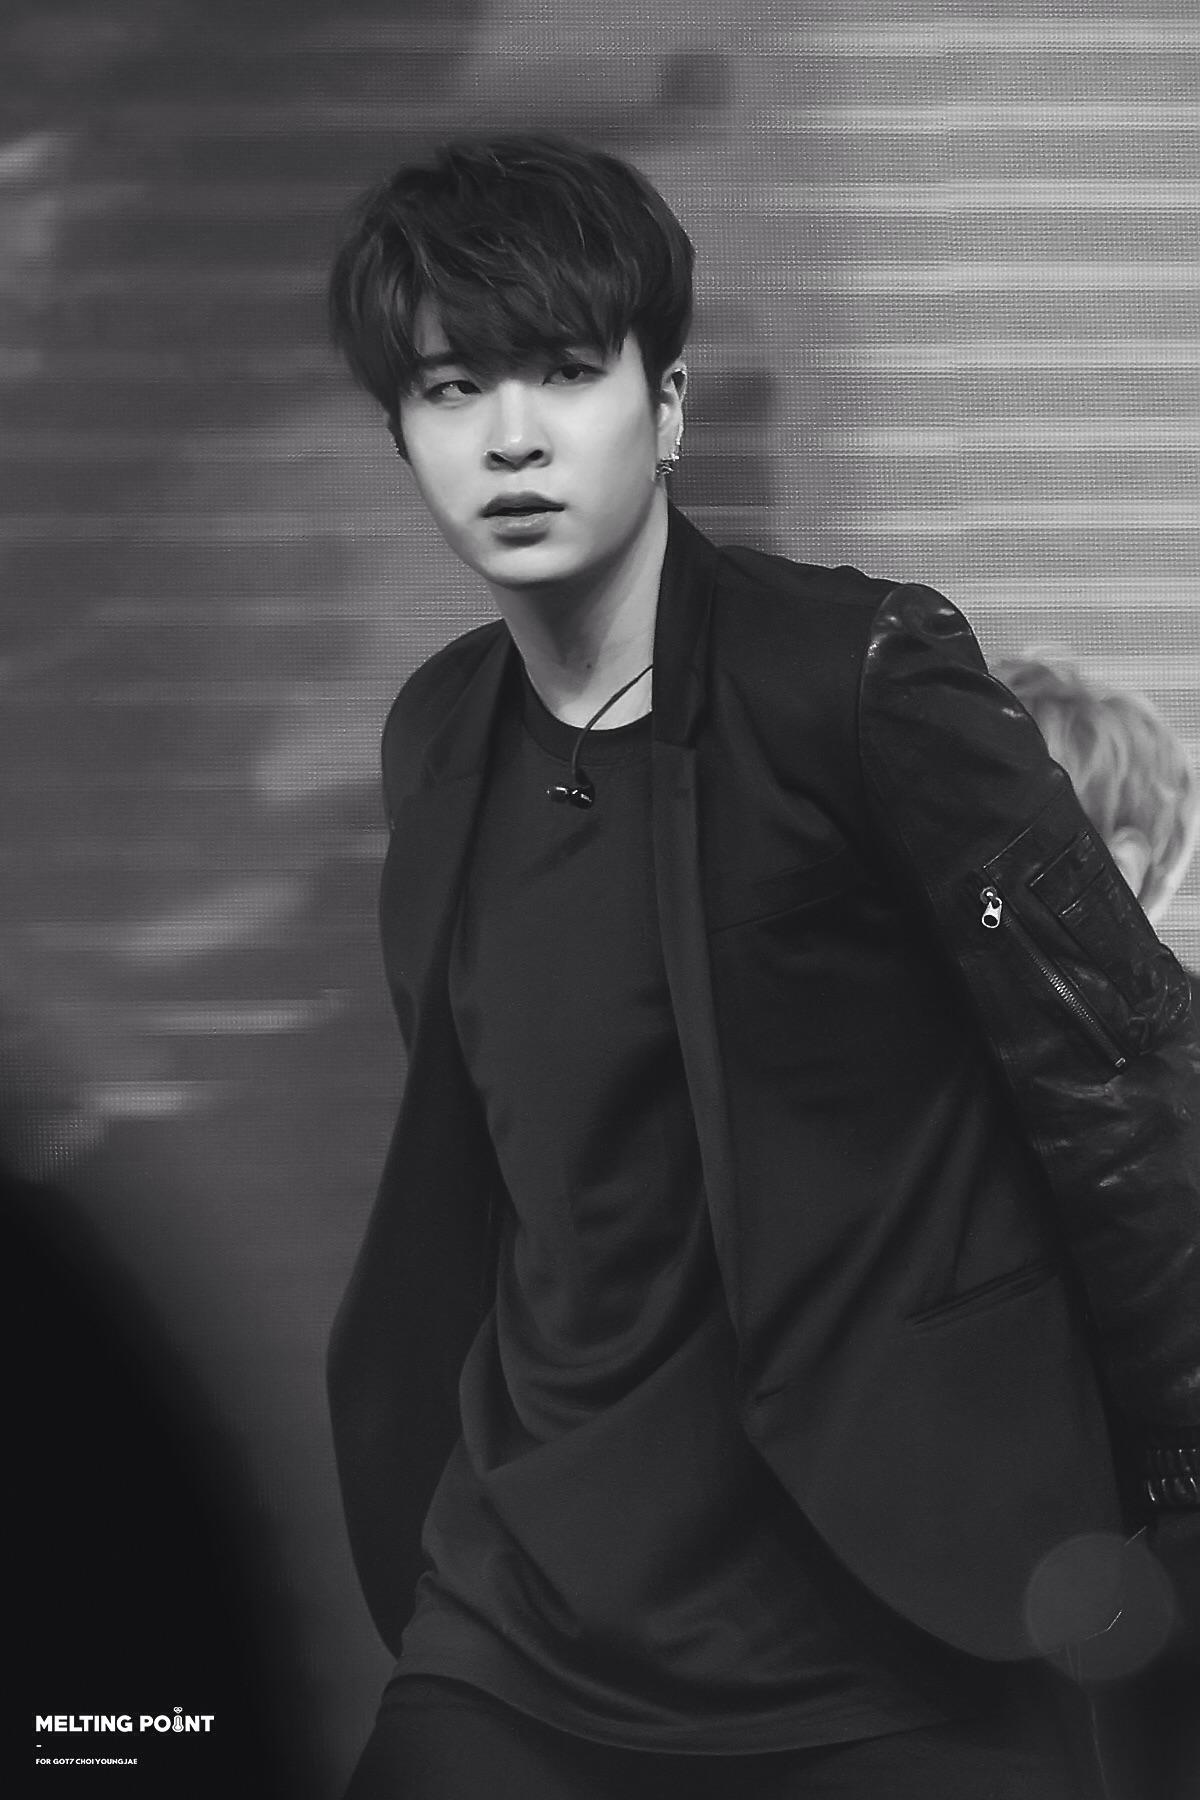 06 December 2015 Got7 Choi Youngjae